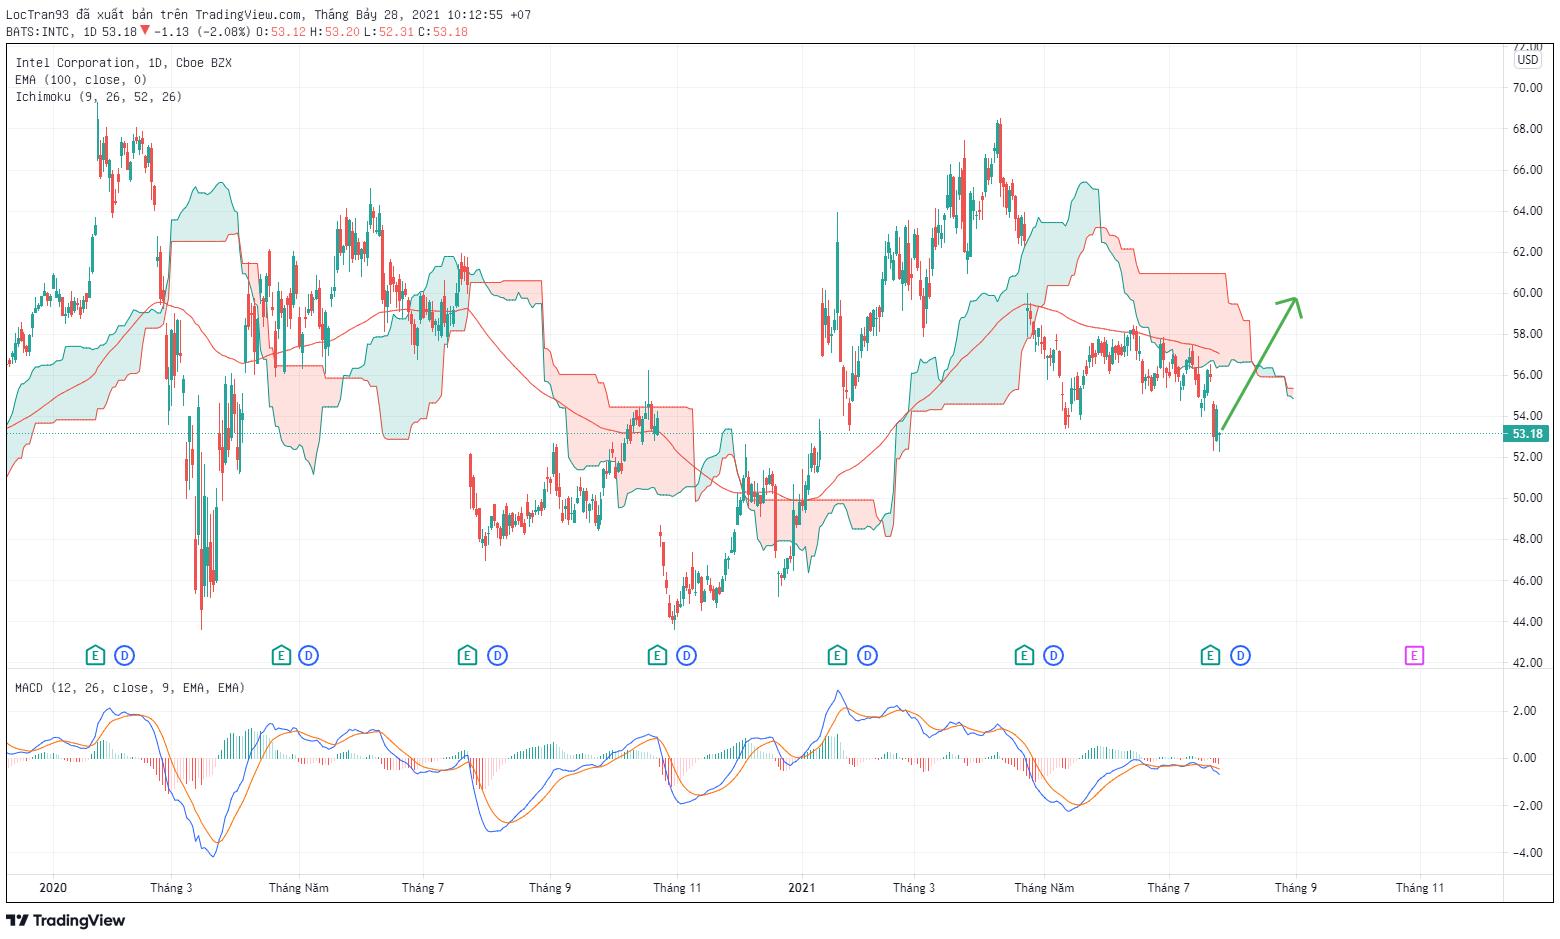 Biểu đồ cổ phiếu INTEL khung 1D